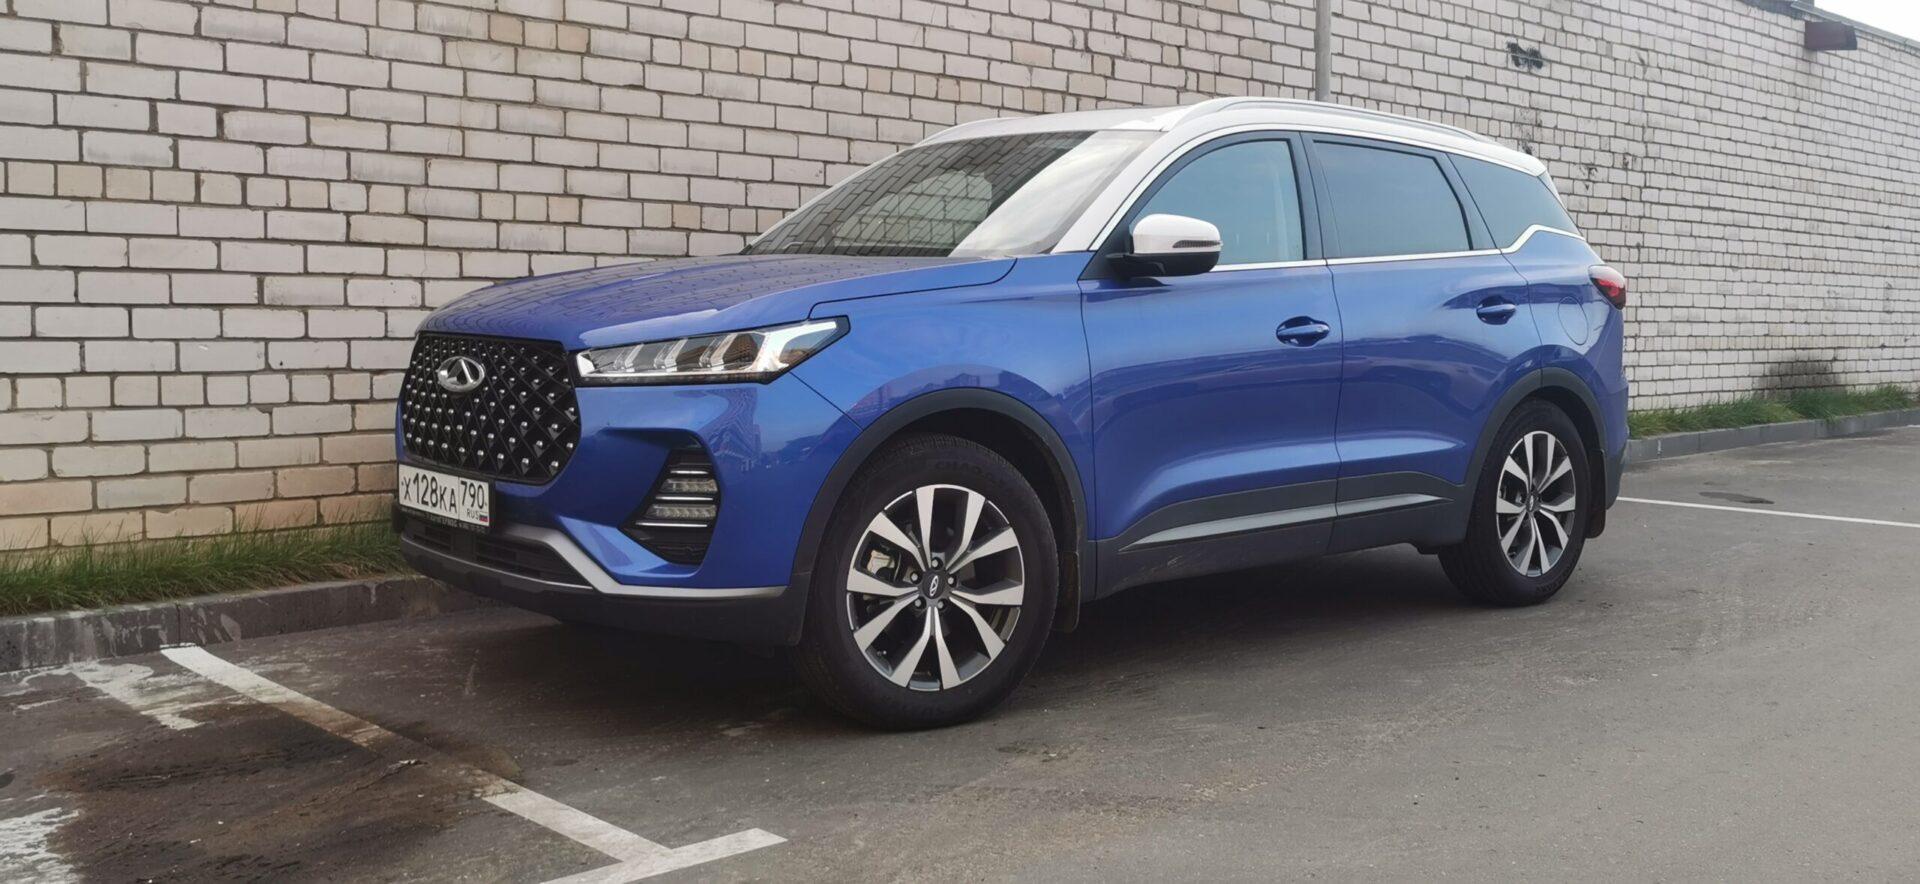 Дефицит назвали причиной бешеного спроса на китайские автомобили в России в 2021 году